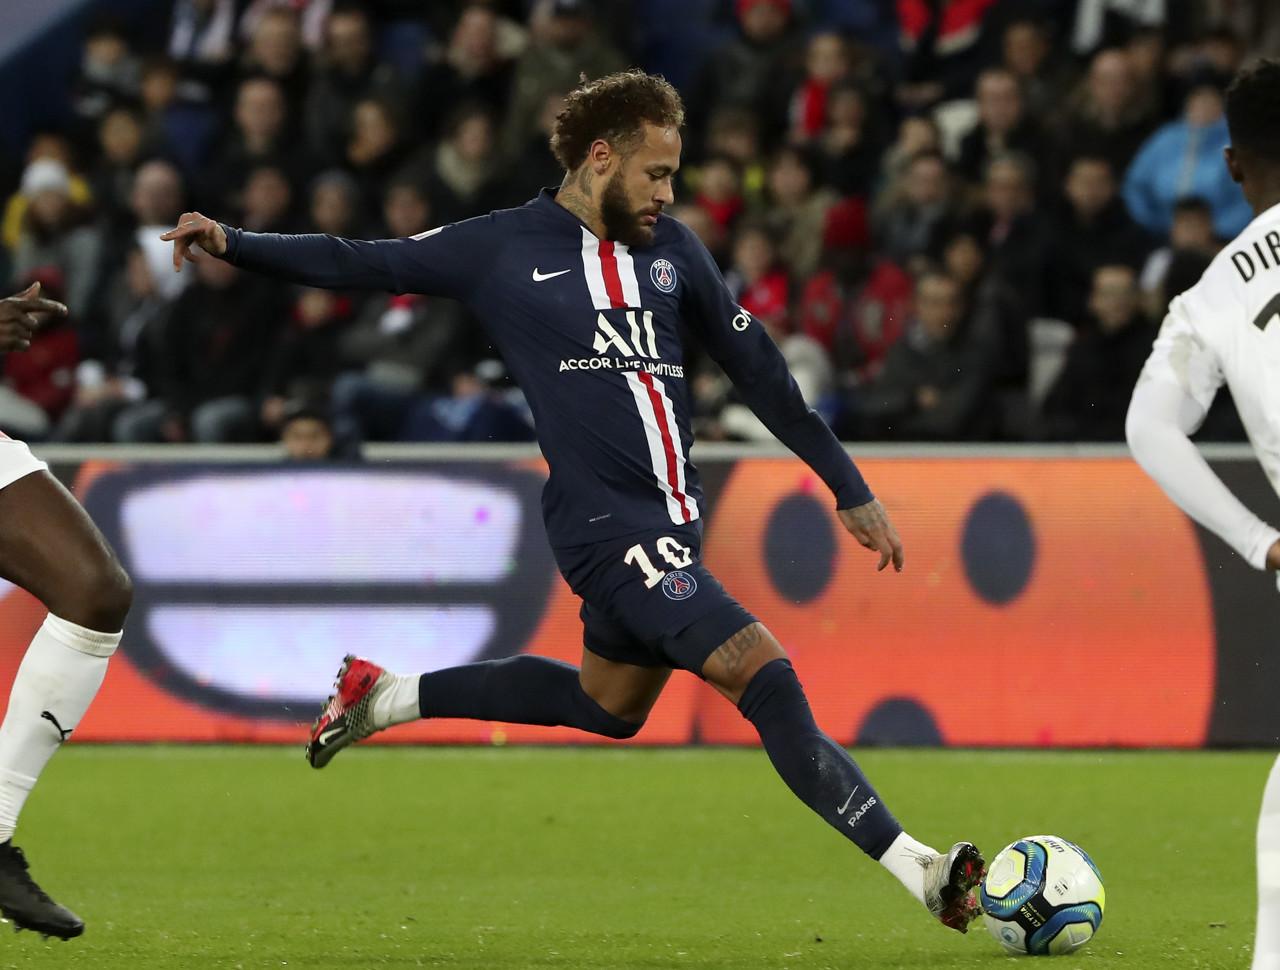 巴萨高层认为无法签回内马尔,球员将持续留在巴黎   